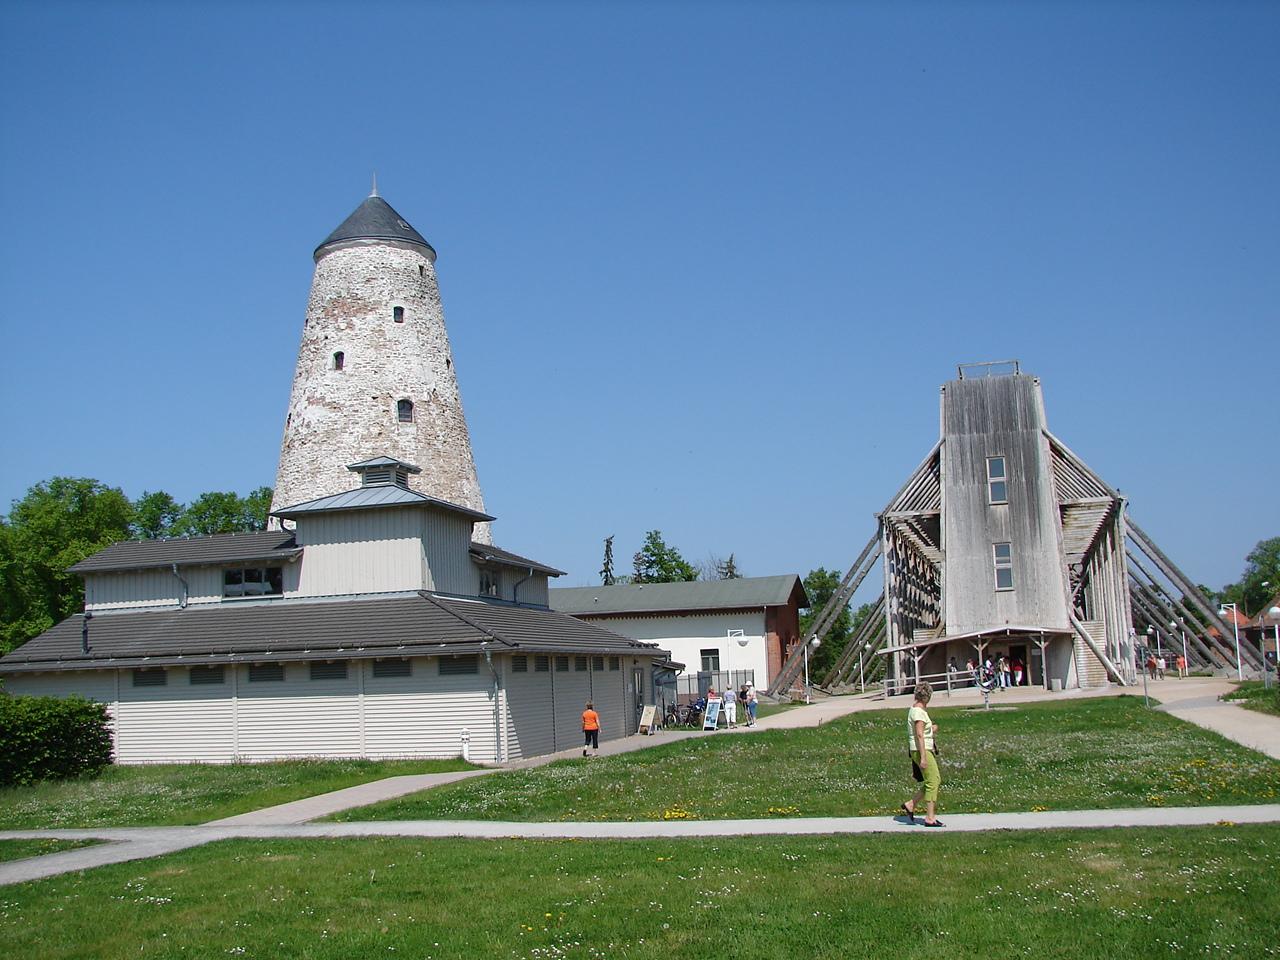 Soleturm, Kunsthof, Gradierwerk